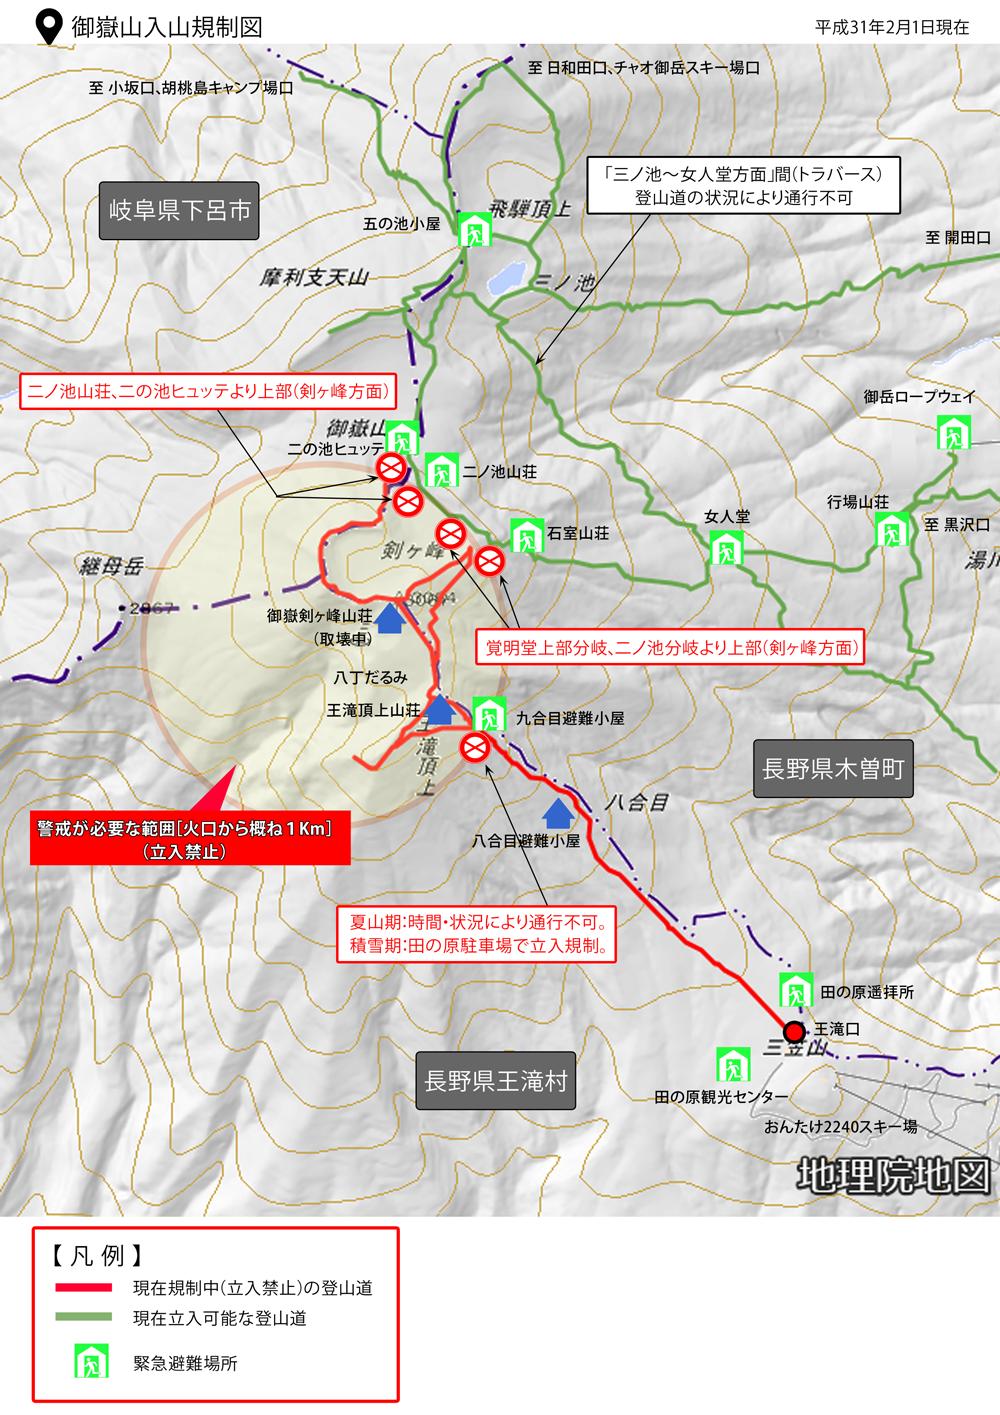 御嶽山入山規制図